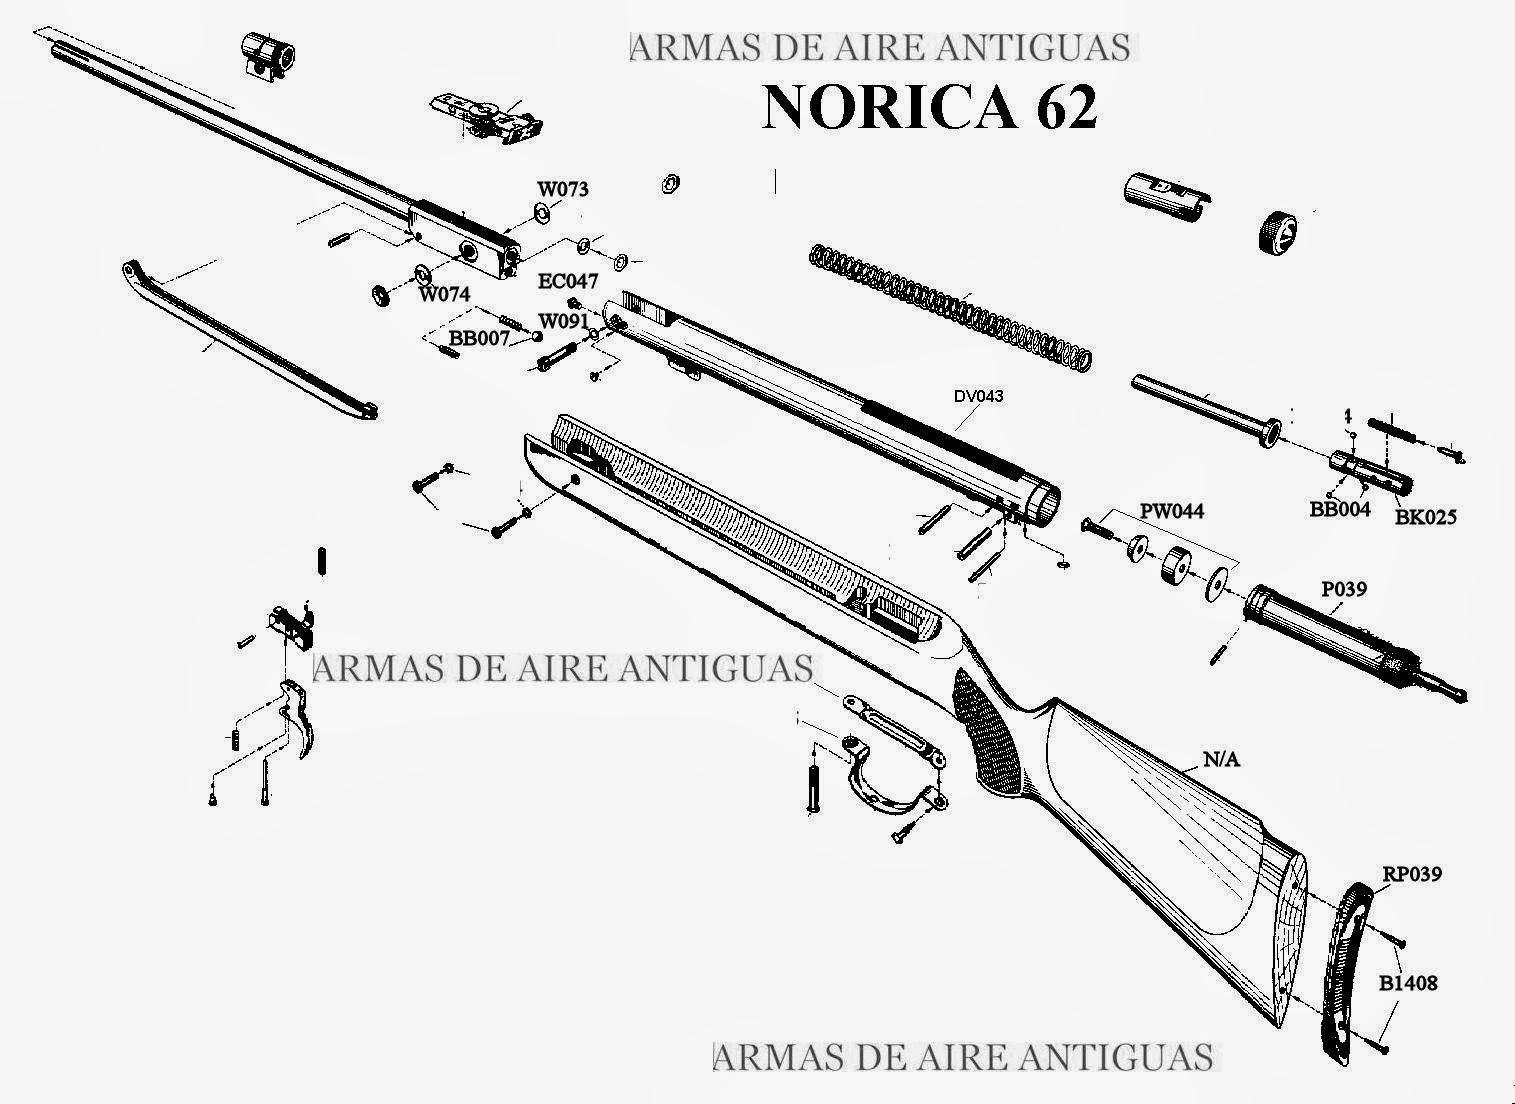 ARMAS ANTIGUAS DE AIRE: MANUAL NORICA 92